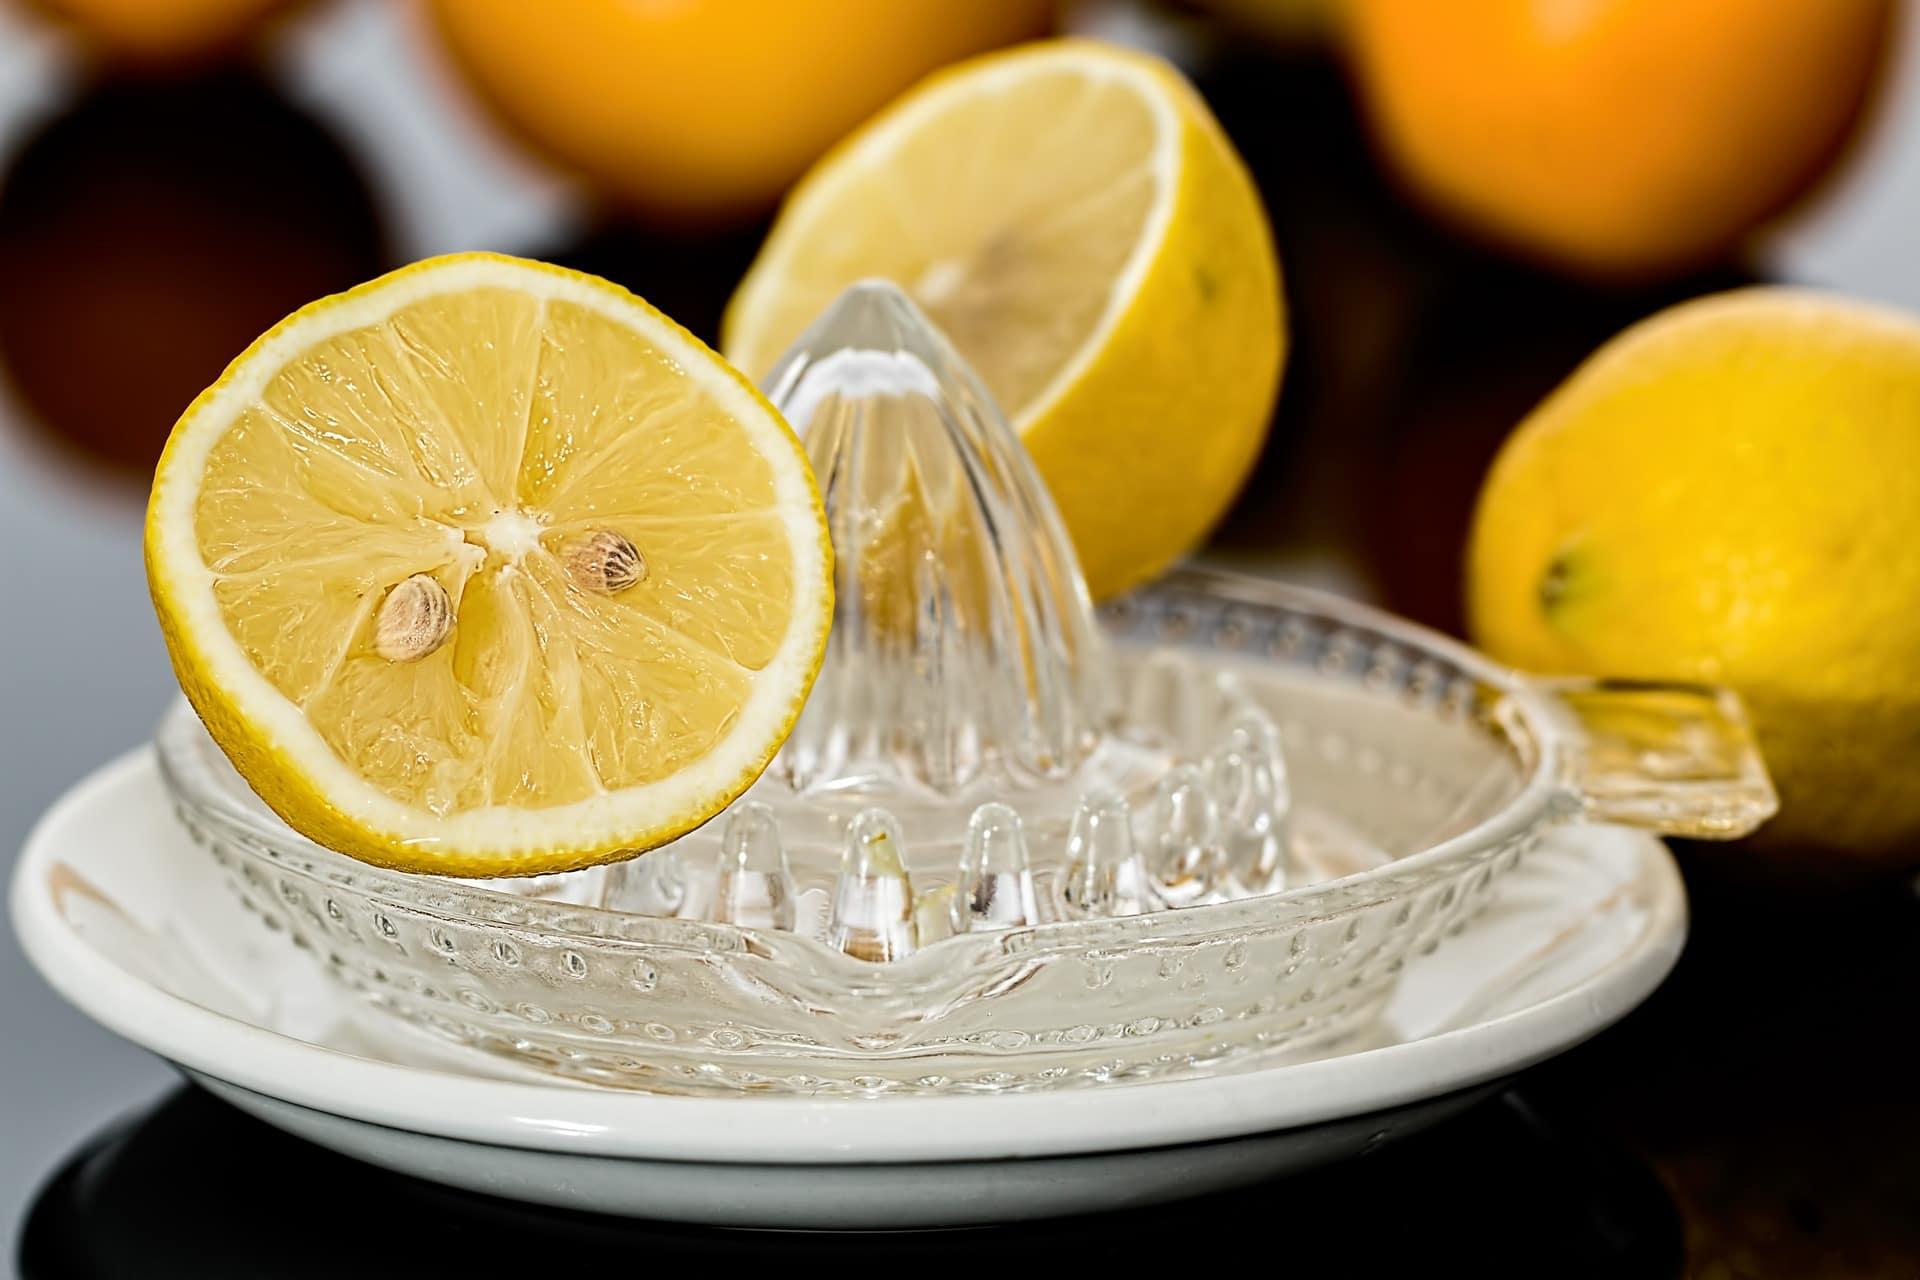 Zitronenpresse, Zitronensaft